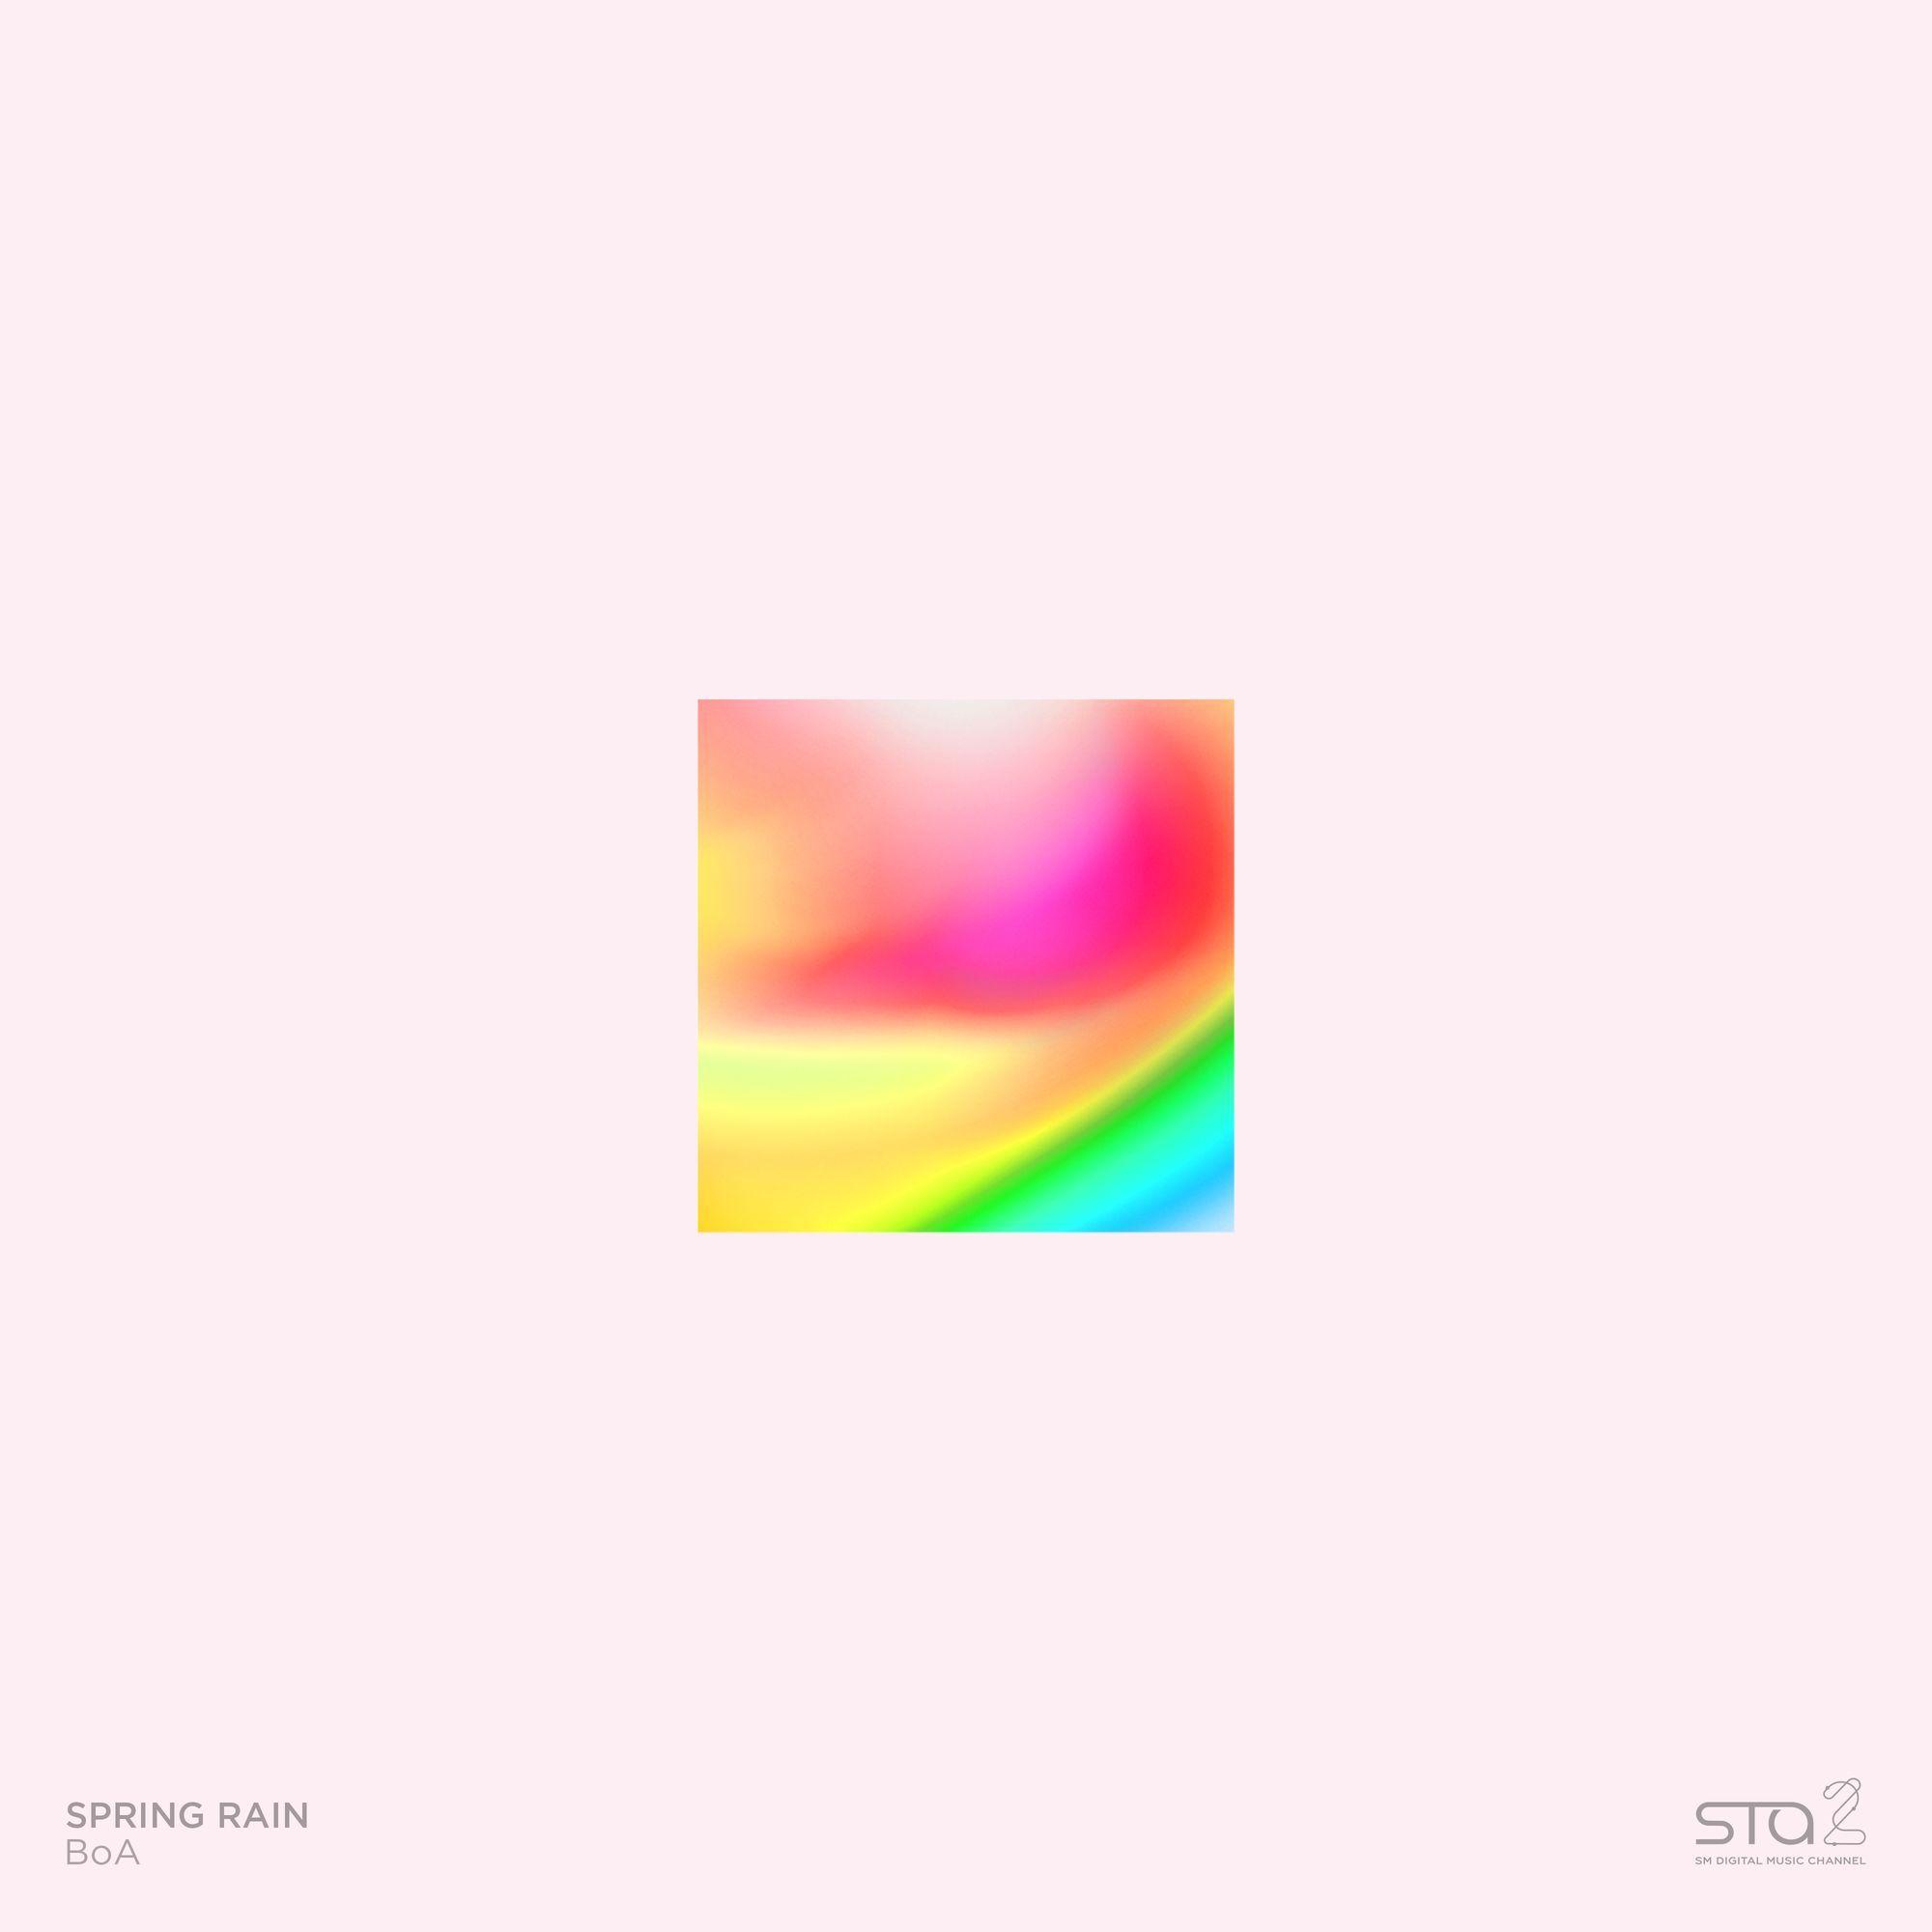 봄비 (Spring Rain) - SM STATION 앨범이미지